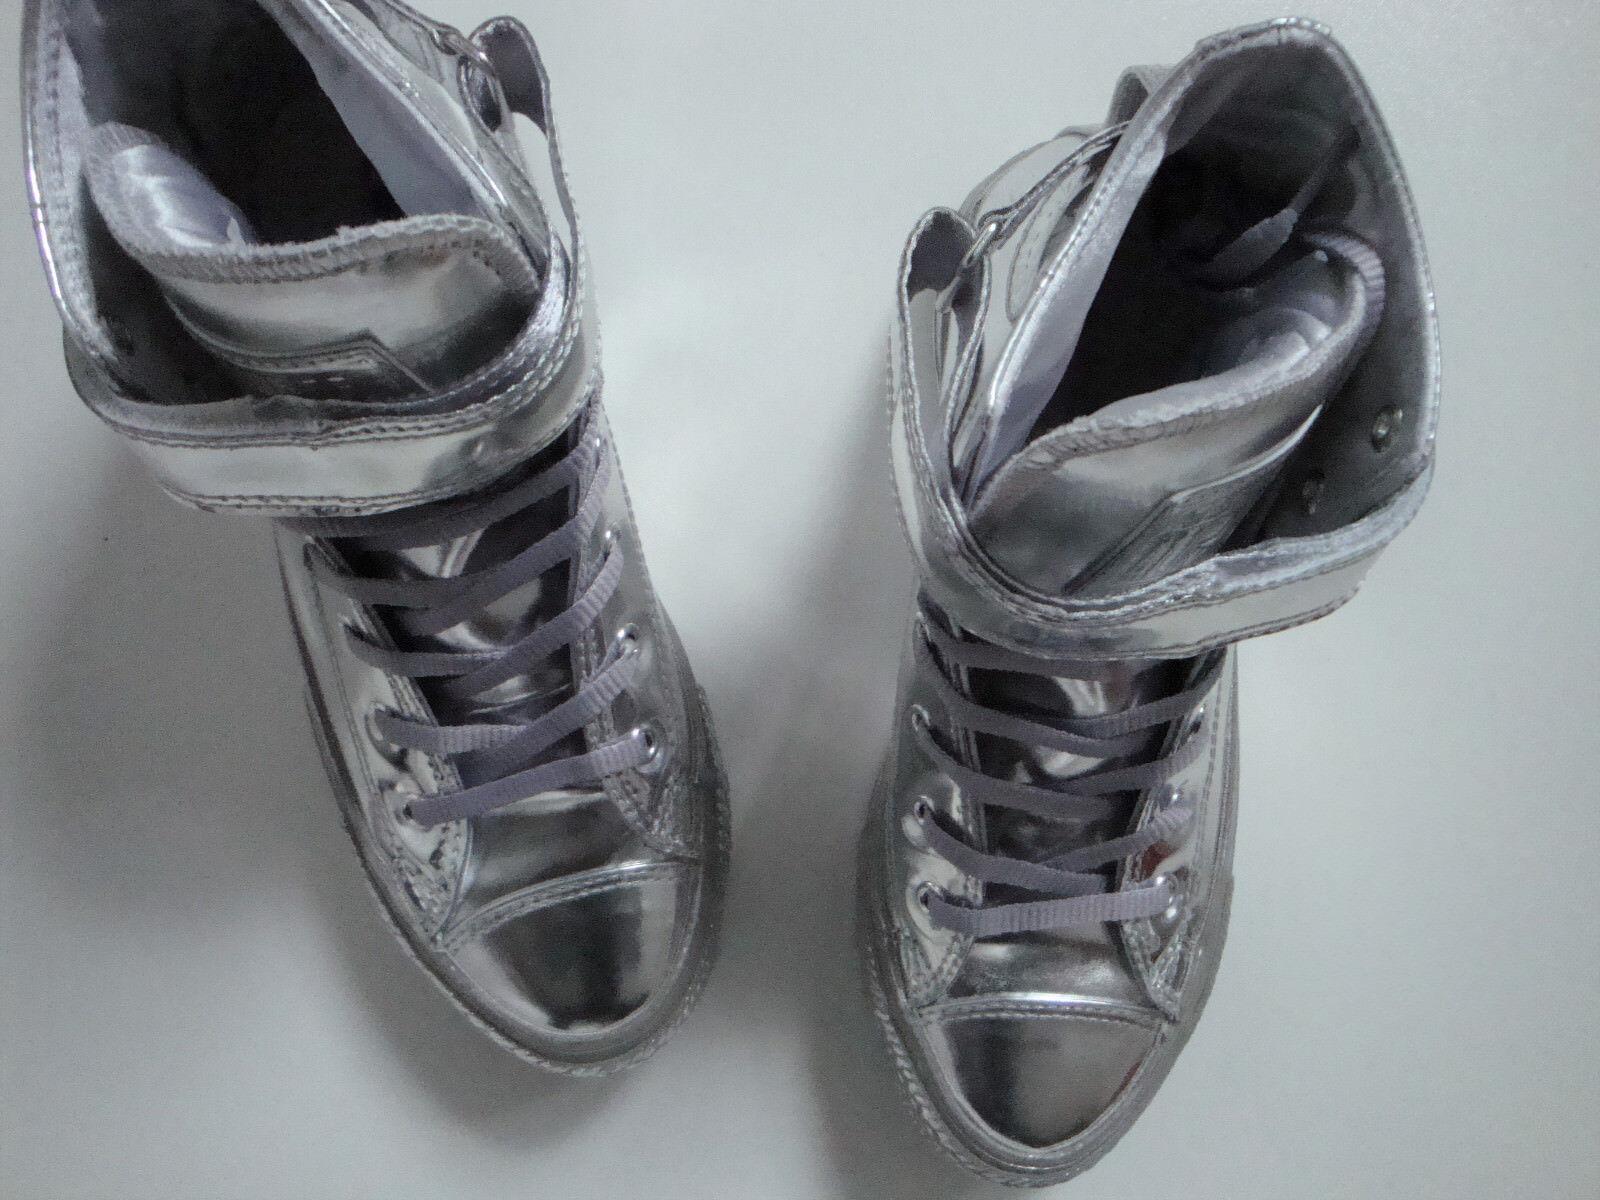 CONVERSE All Star  Turnschuhe    Schuhe Silber Gr. EUR 36 UK 3,5  US 5,5  CM 22,5 Neu a91d77